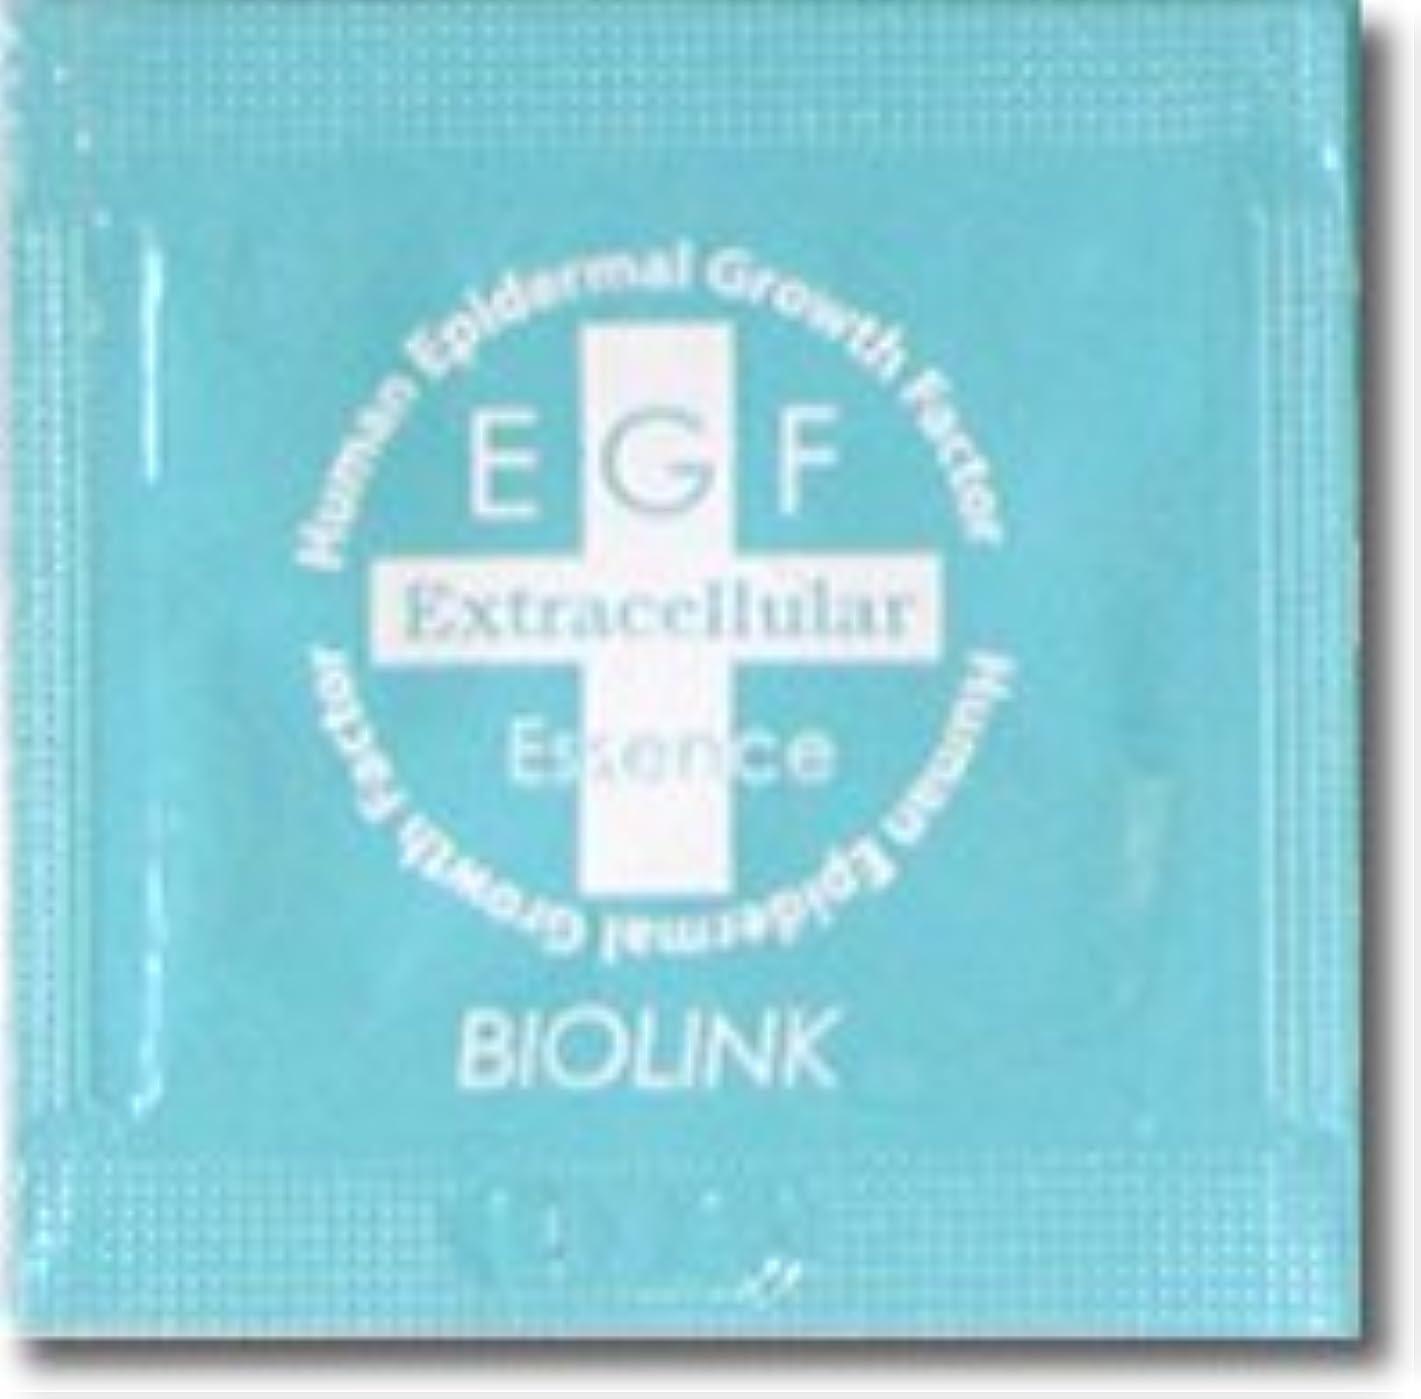 初心者ソロ送ったバイオリンク EGF エクストラエッセンス 分包 100個+10個おまけ付きセット